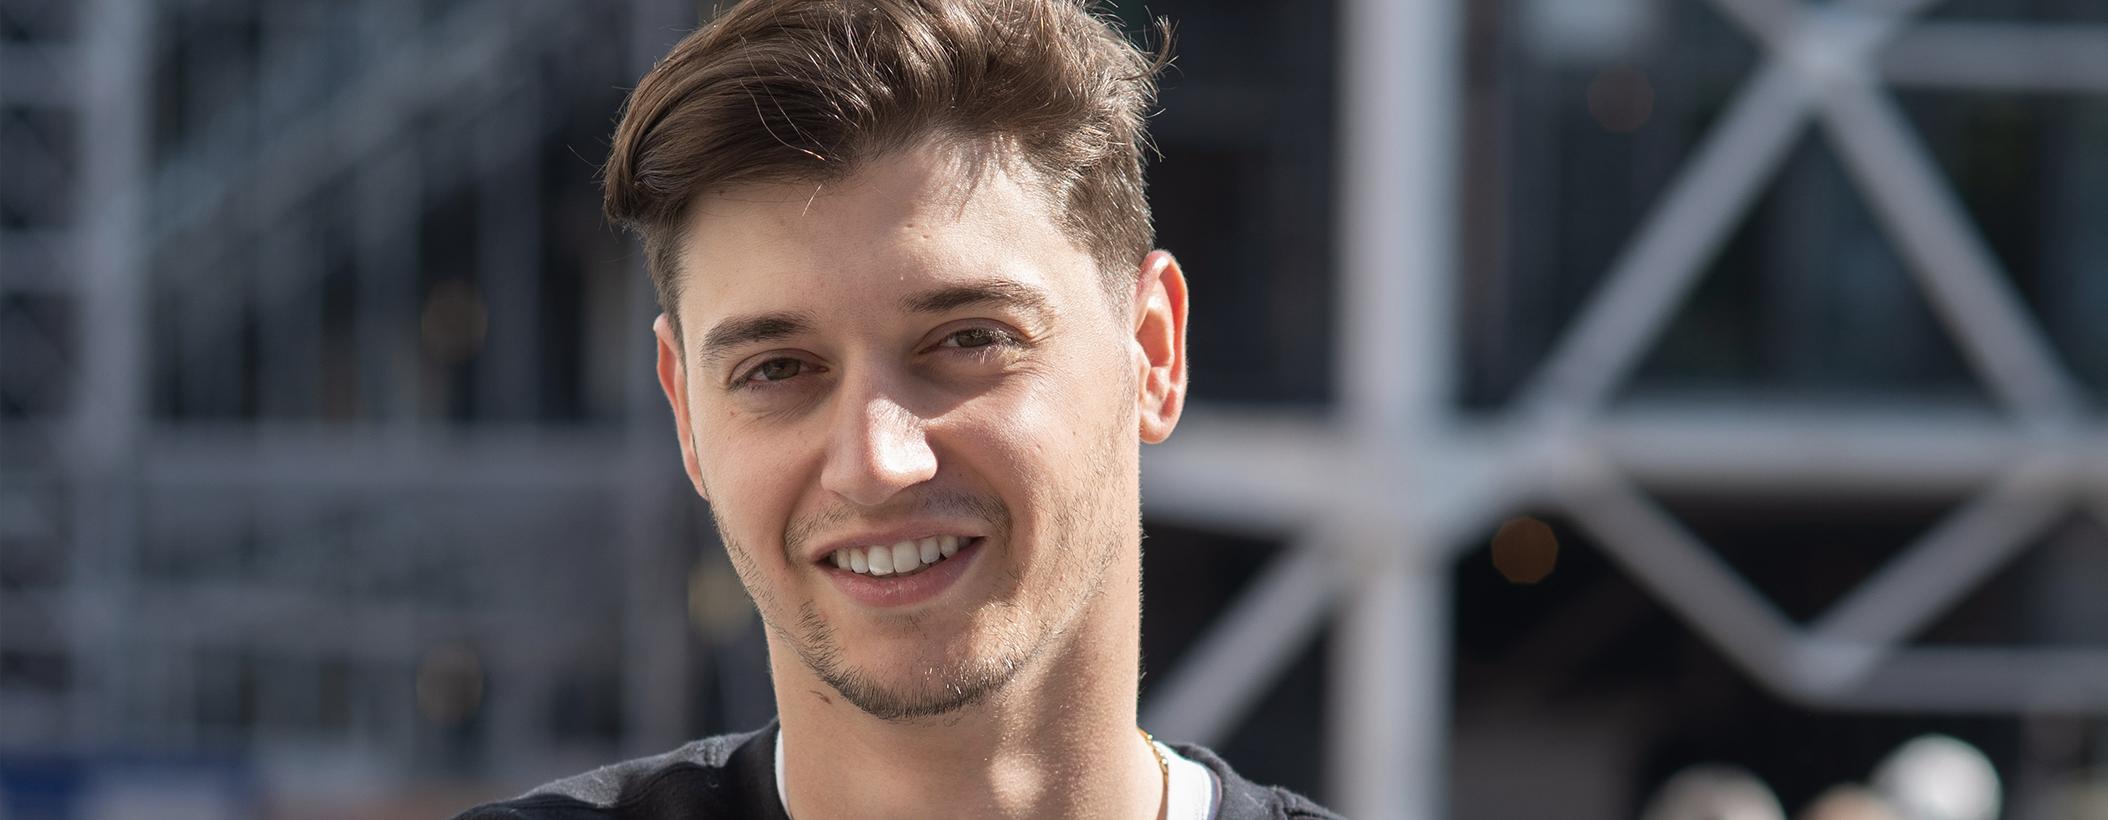 Rencontre Sider : Antoine enrichit son expérience grâce à des missions en Startups